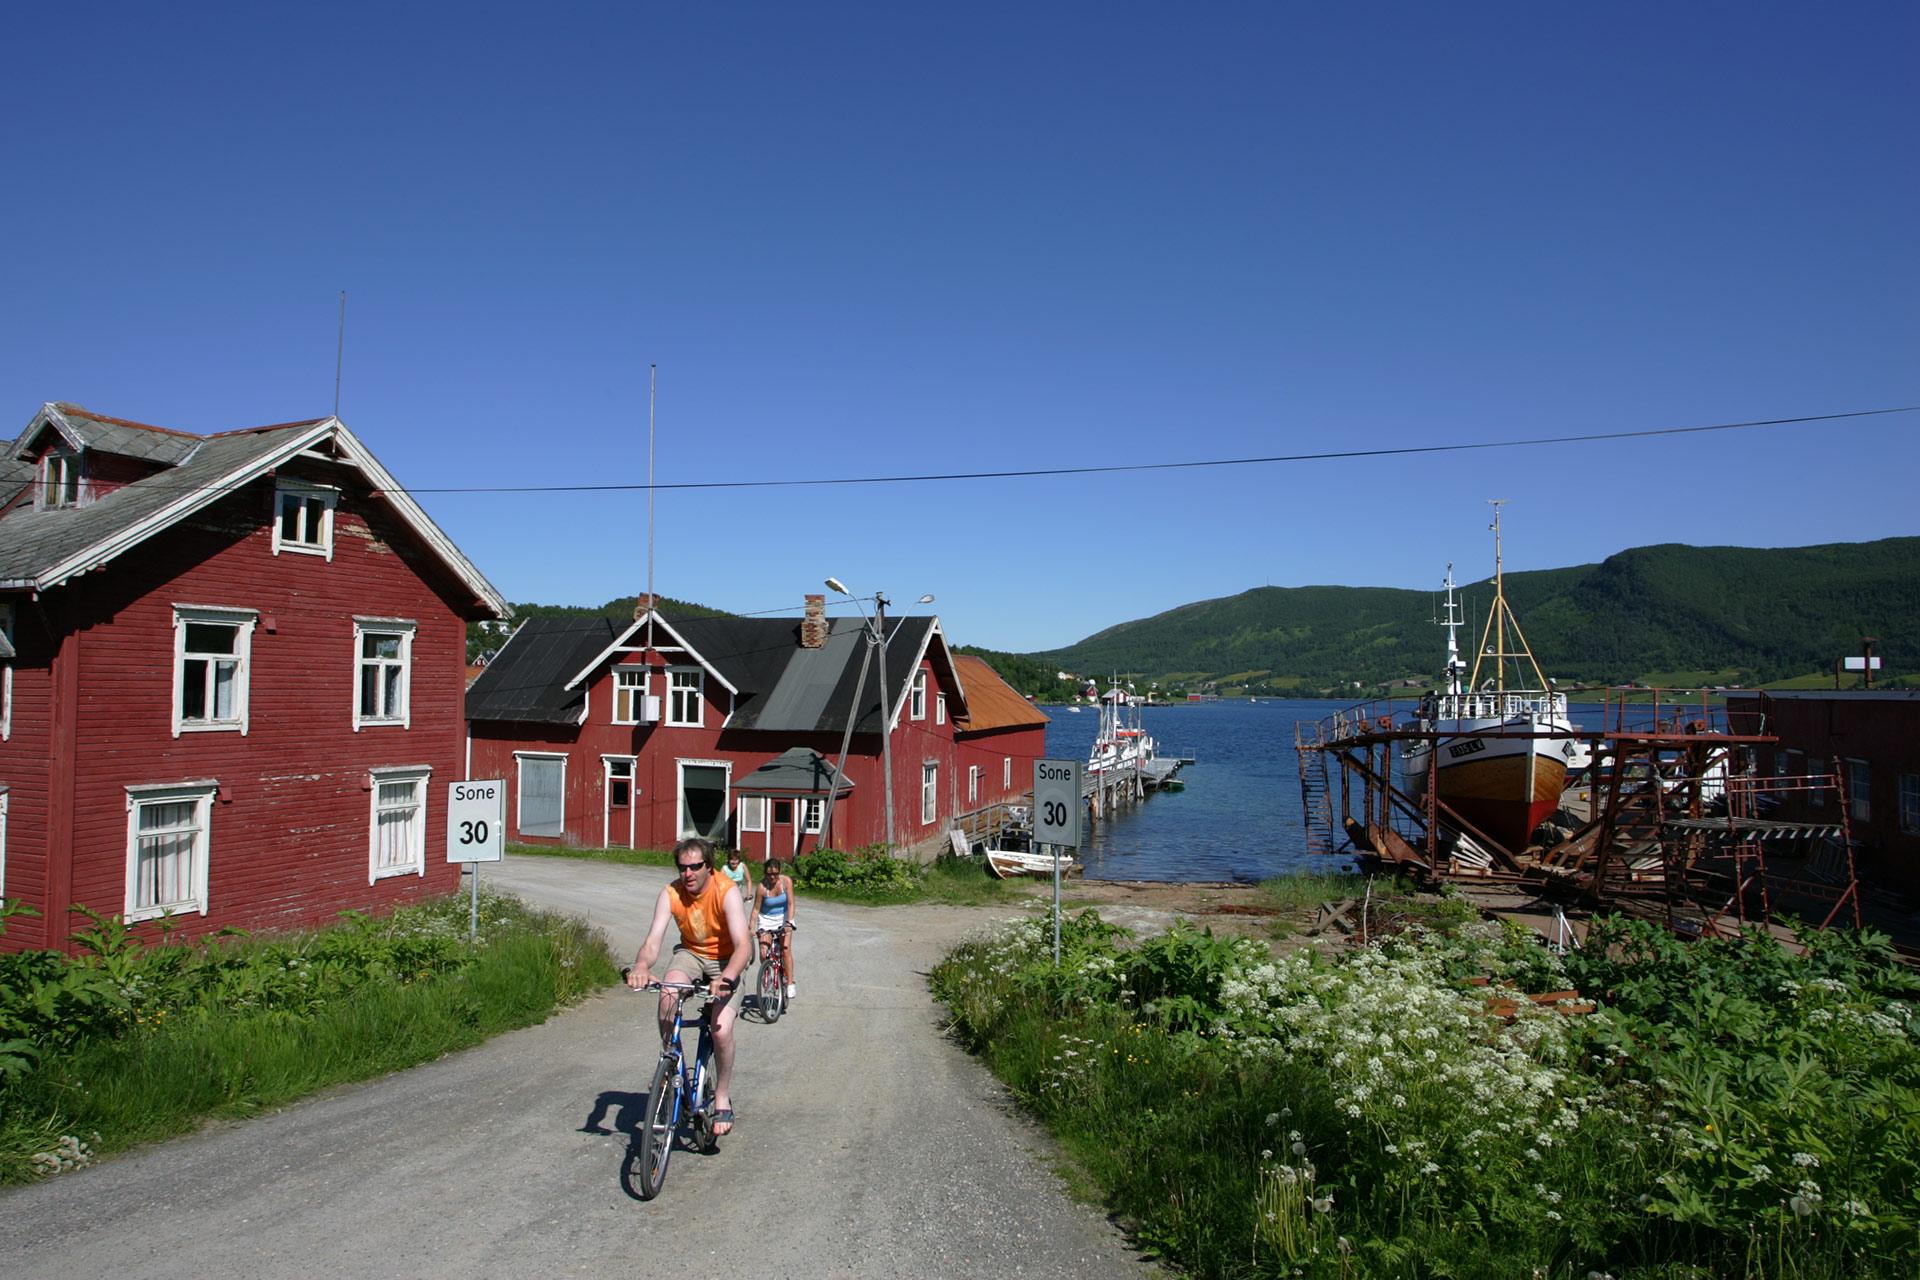 Gibostad på Senja har lite trafikk og fint landskap © Frank Andreassen